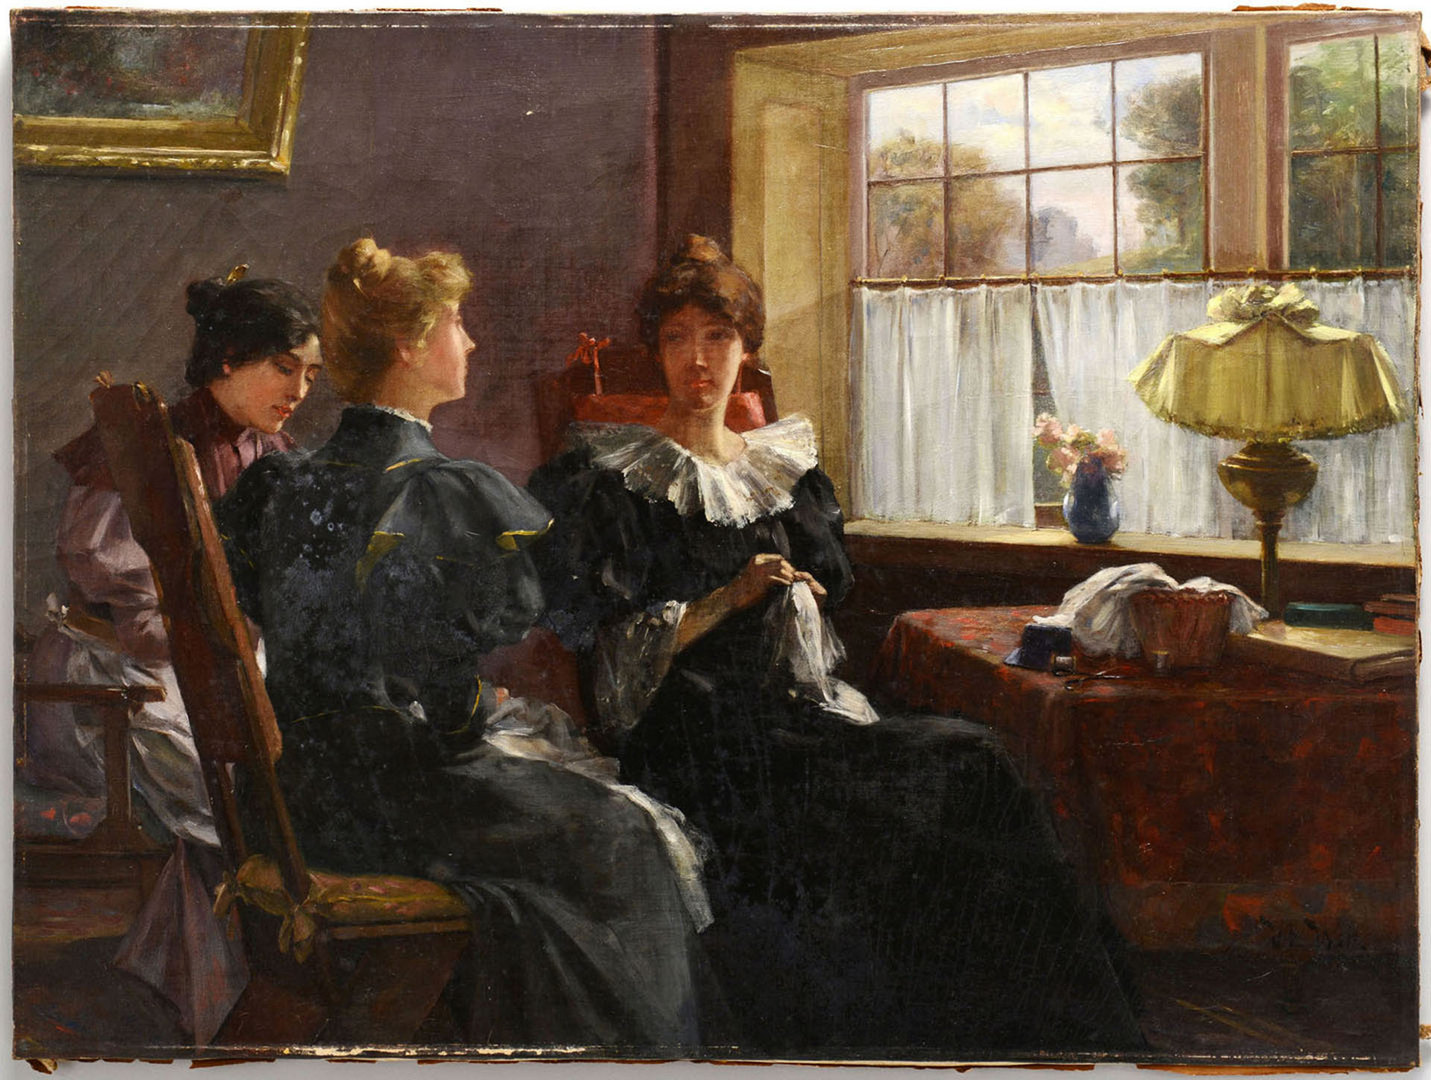 Lot 184: American Interior Scene Oil on Canvas, V. Witt